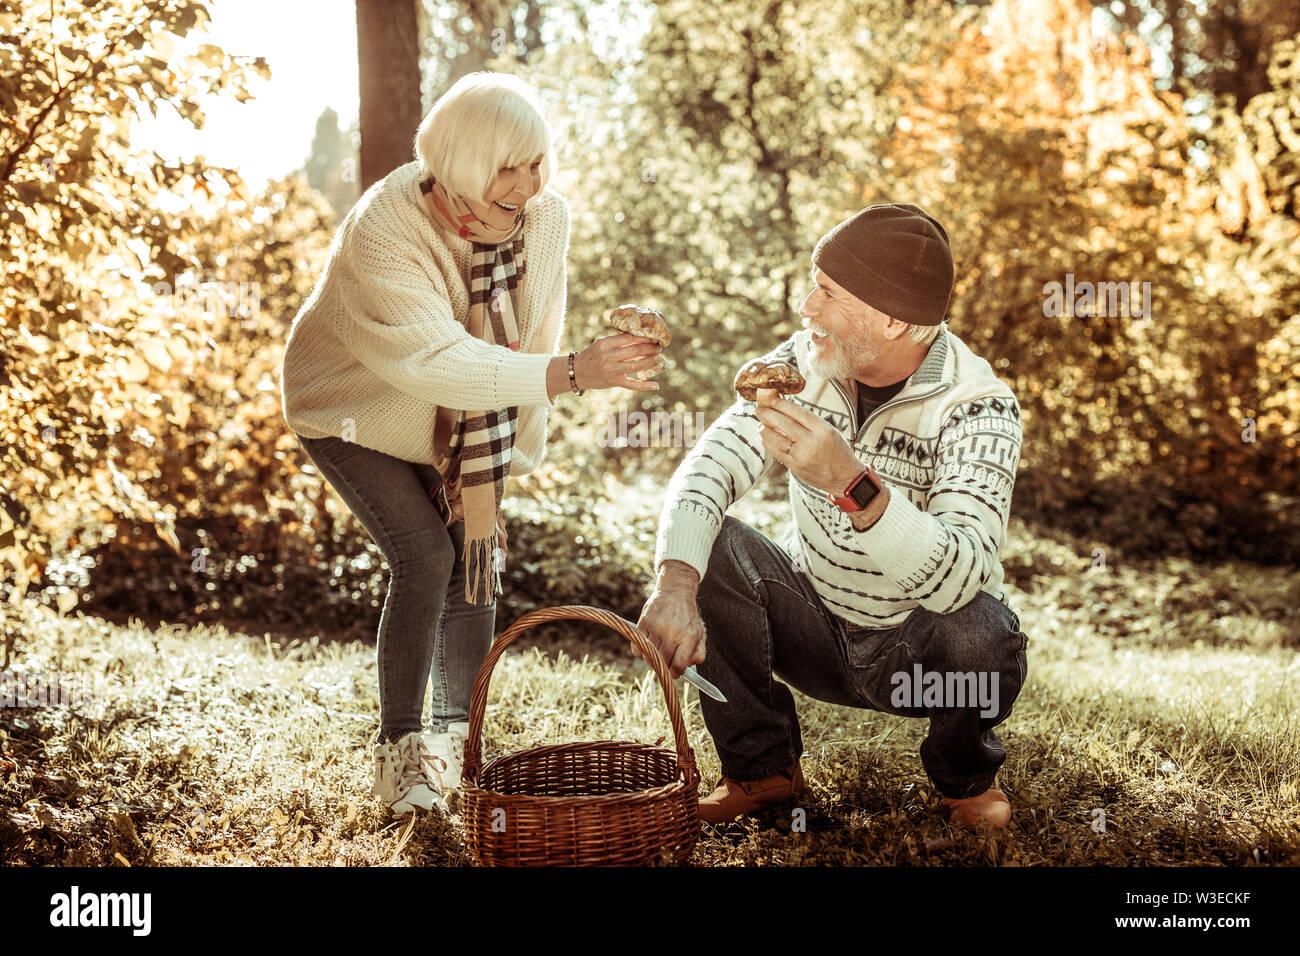 Heureux couple montrant chaque autres champignons qu'ils ont trouvé. Photo Stock